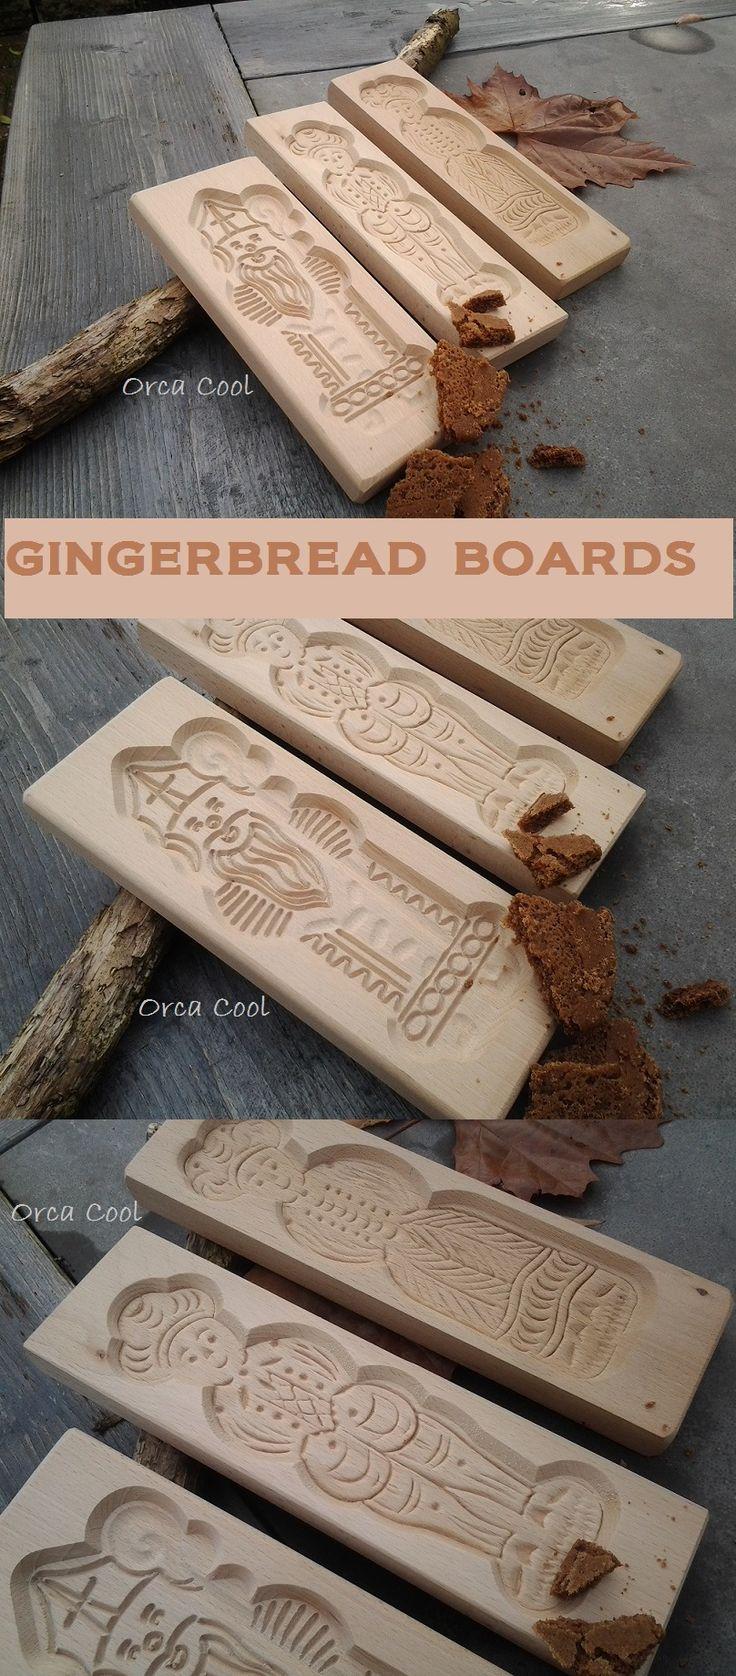 Gingerbread Board - Speculaasplanken  #Bakeware  OrcaCool